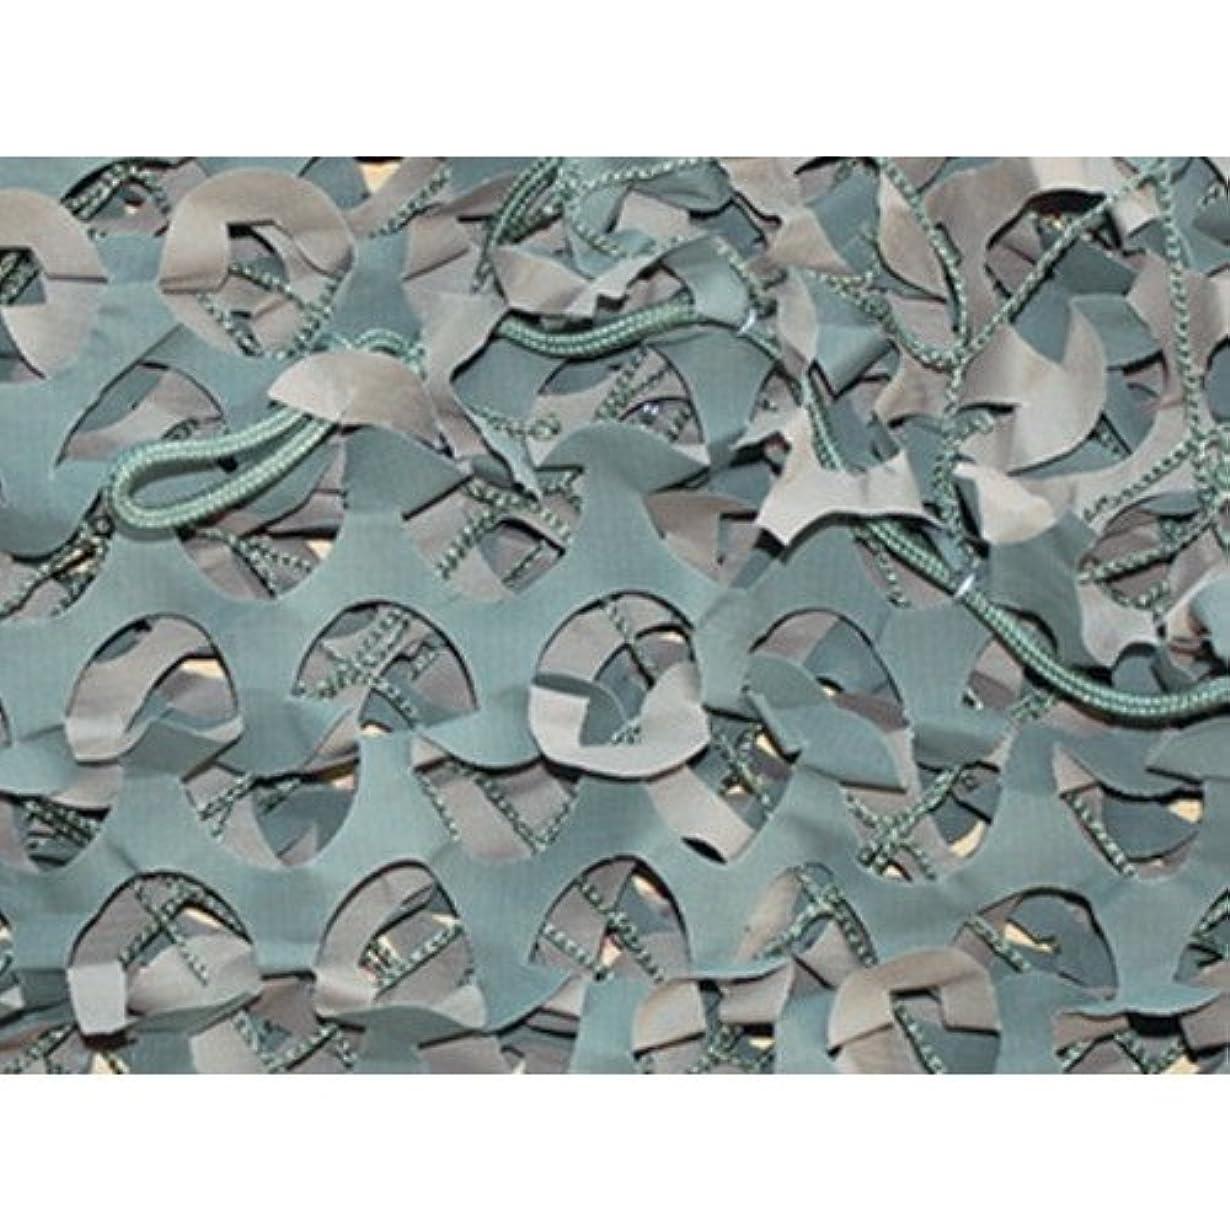 満足させる震えるリーズトラスコ中山 CAMO プレミアム レギュラーXミリタリー グリーン&ブラウン 1.8mX3m SP07GB